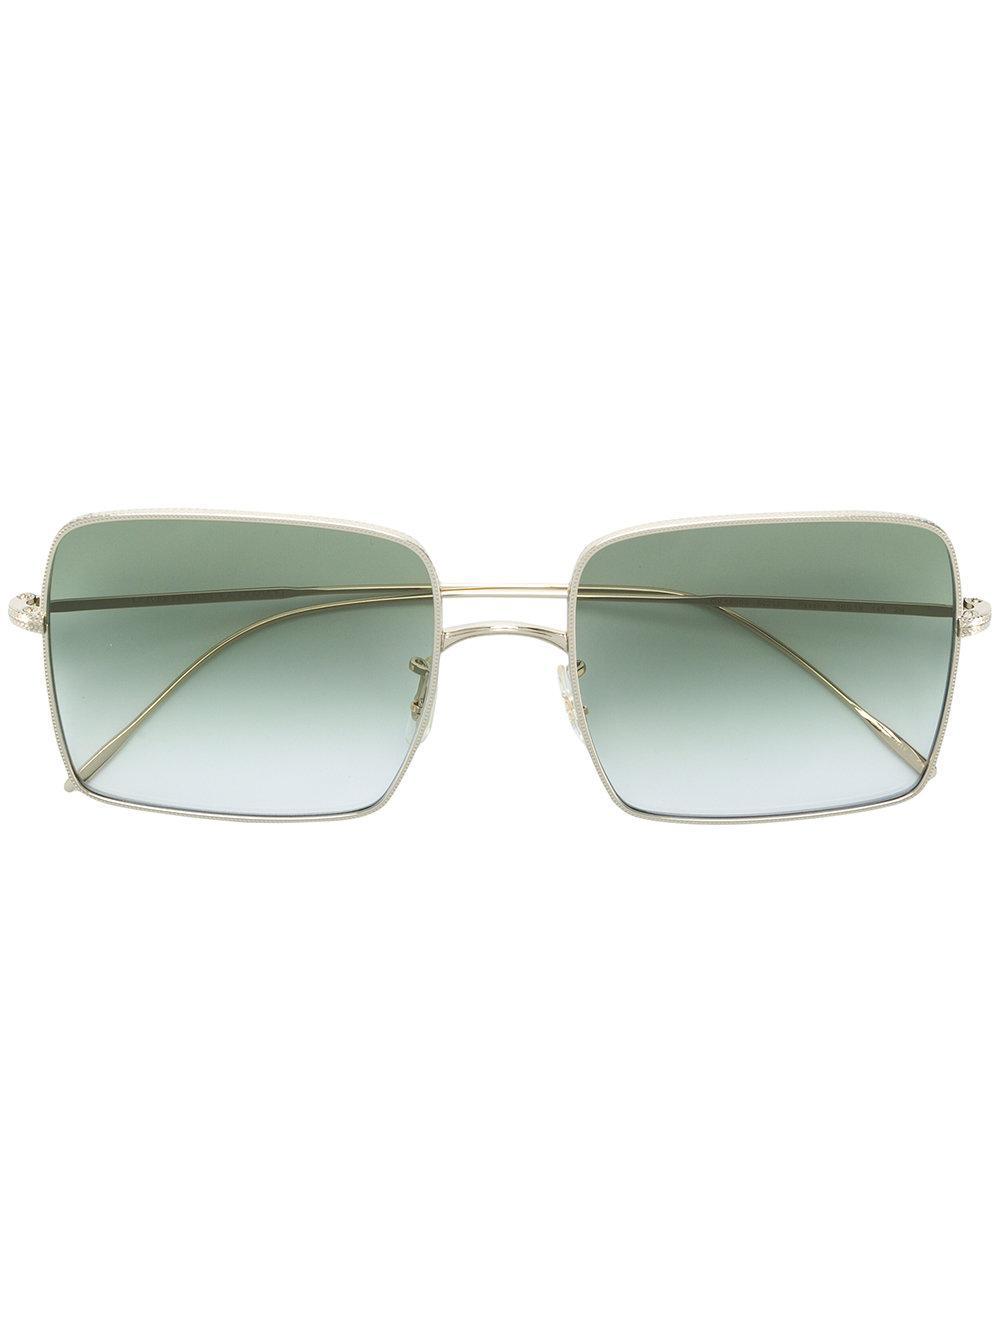 Oliver Peoples Gradient Lens Square Sunglasses - Metallic